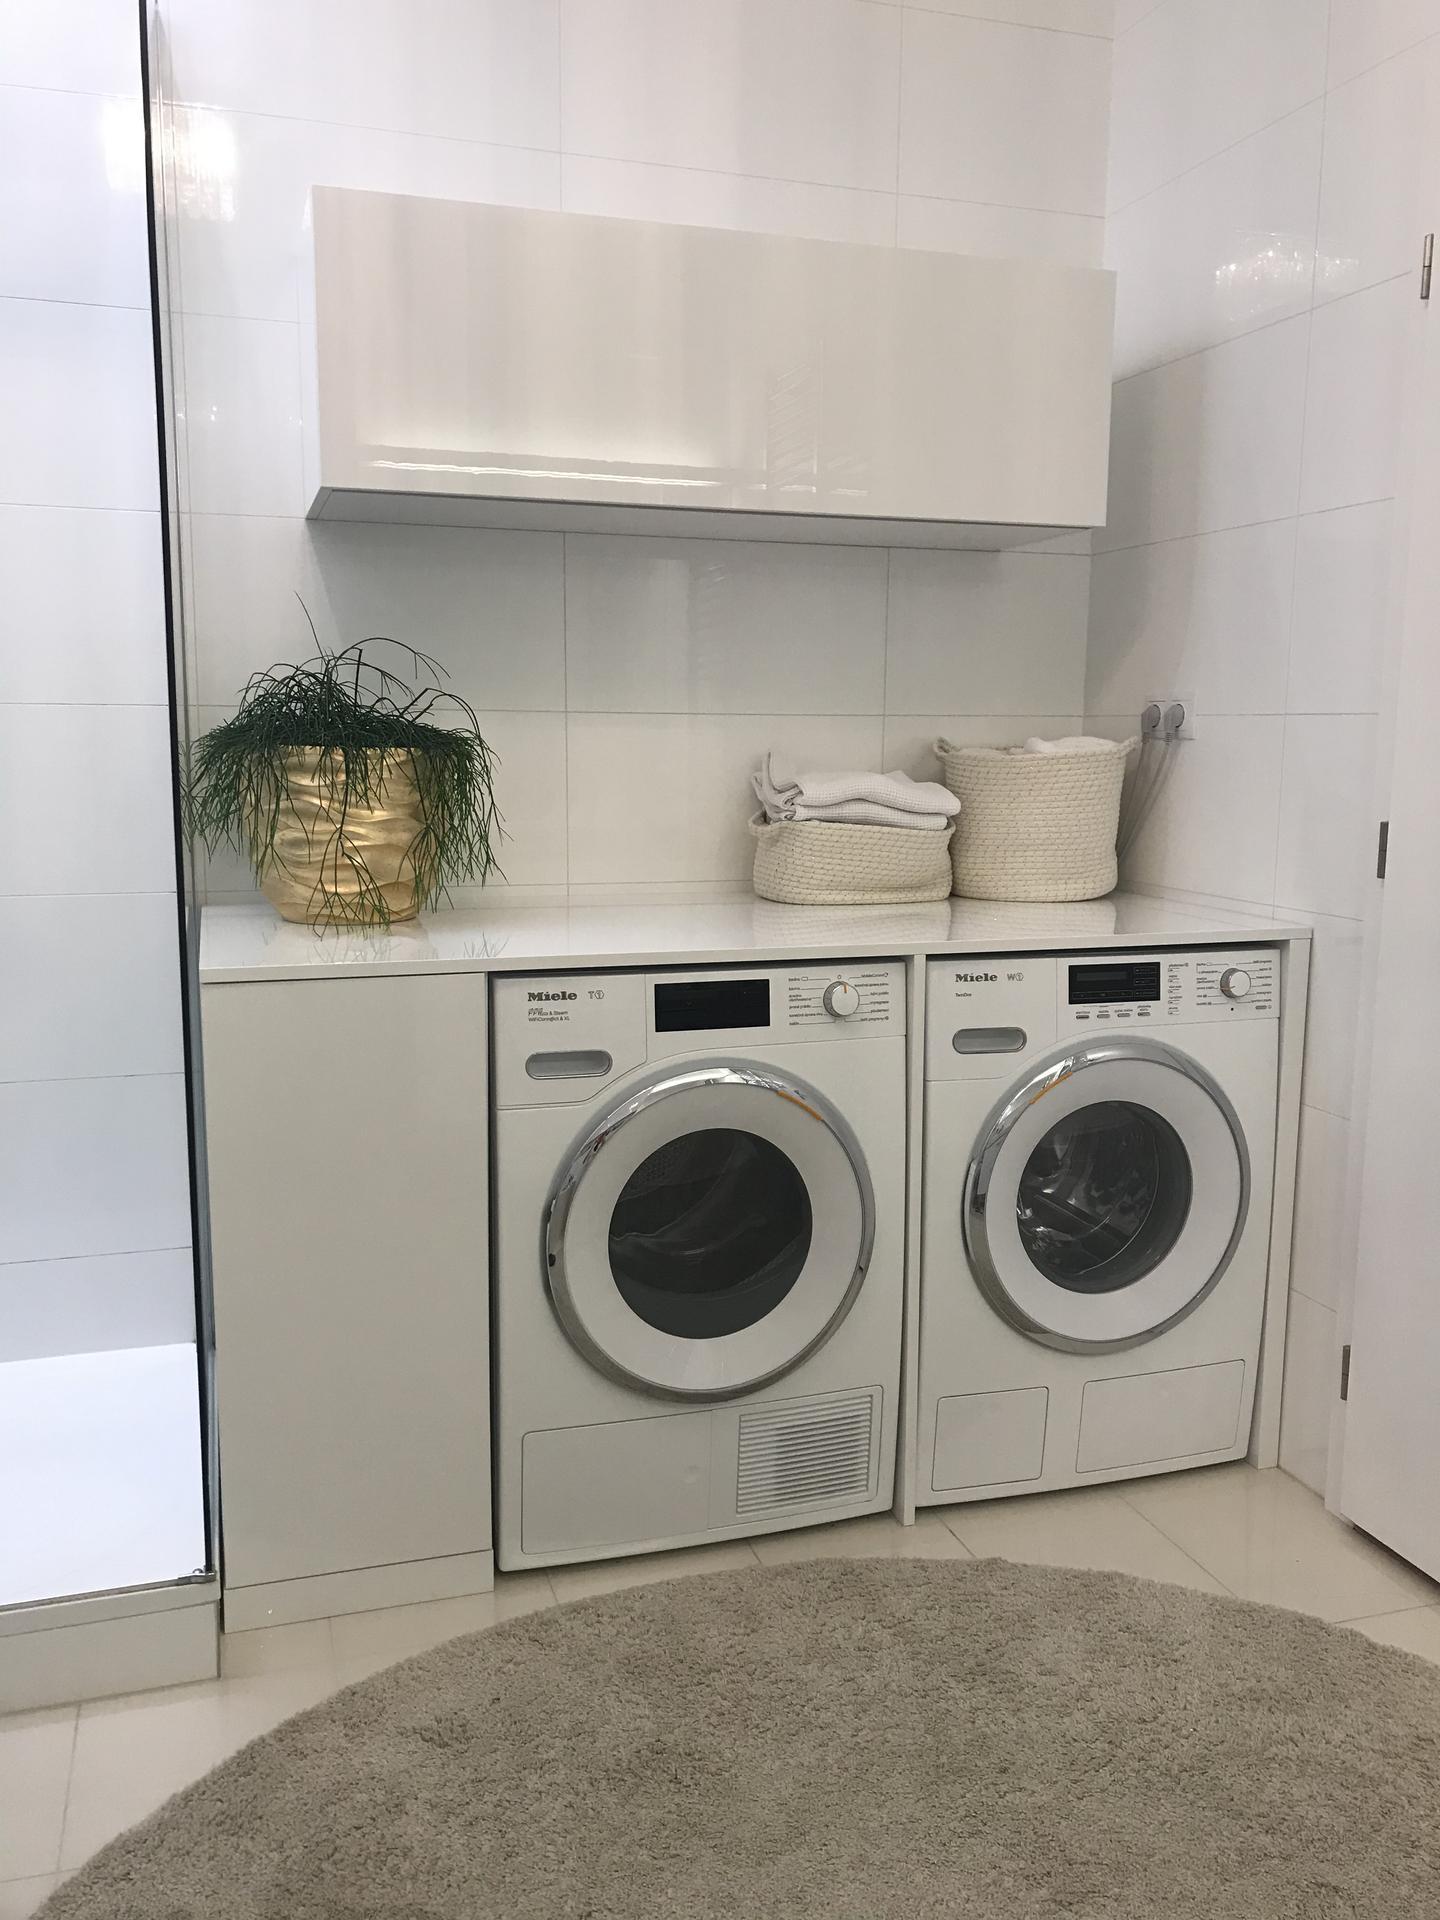 Moje řešení pračky, sušičky, koše na prádlo a úložných prostor. Původně jsem chtěla pracku a susicku nad sebe, ale osvědčilo se mi prádlo ještě teple ze susicky skládat na vytvořené ploše nad prackou. Zehleni se mi zmenšilo o 80%. - Obrázek č. 1